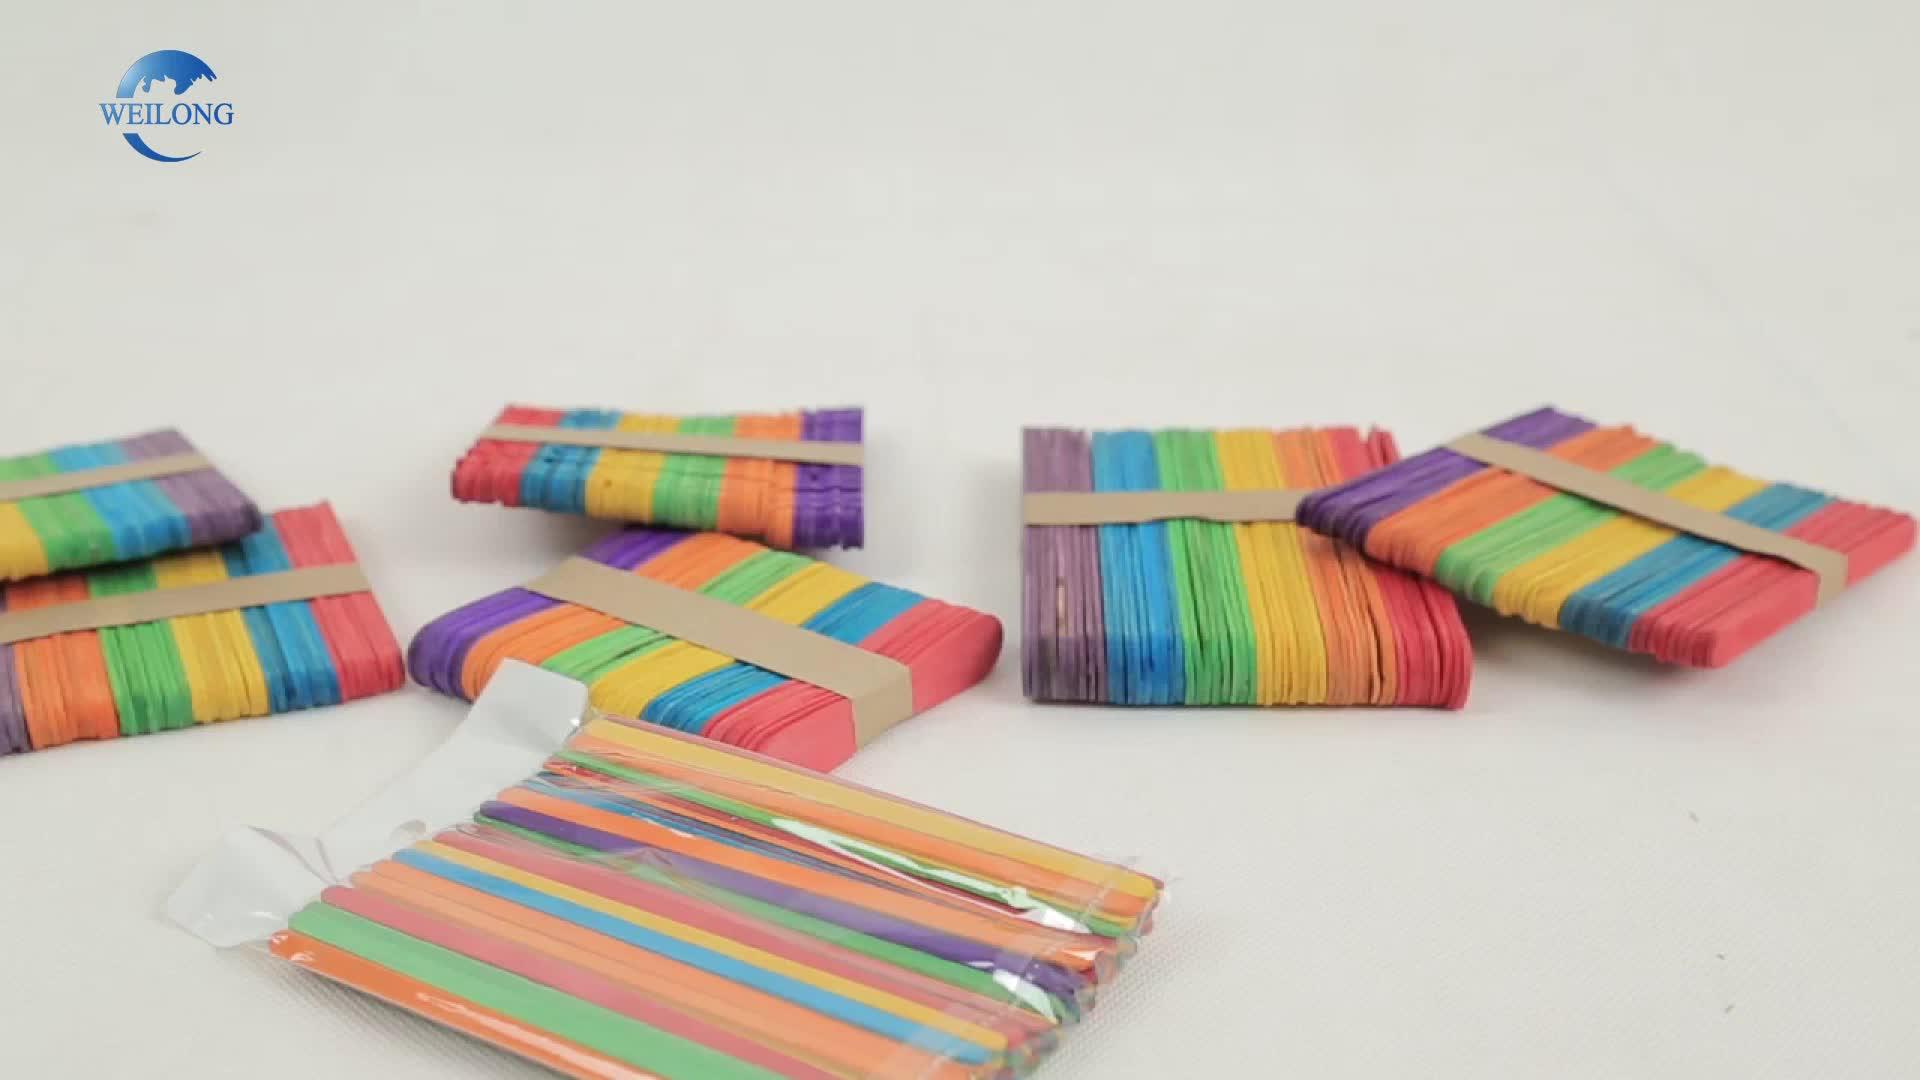 Tongkat untuk Anak-anak Sesuai dengan Warna-warni Kayu Stik Es Krim